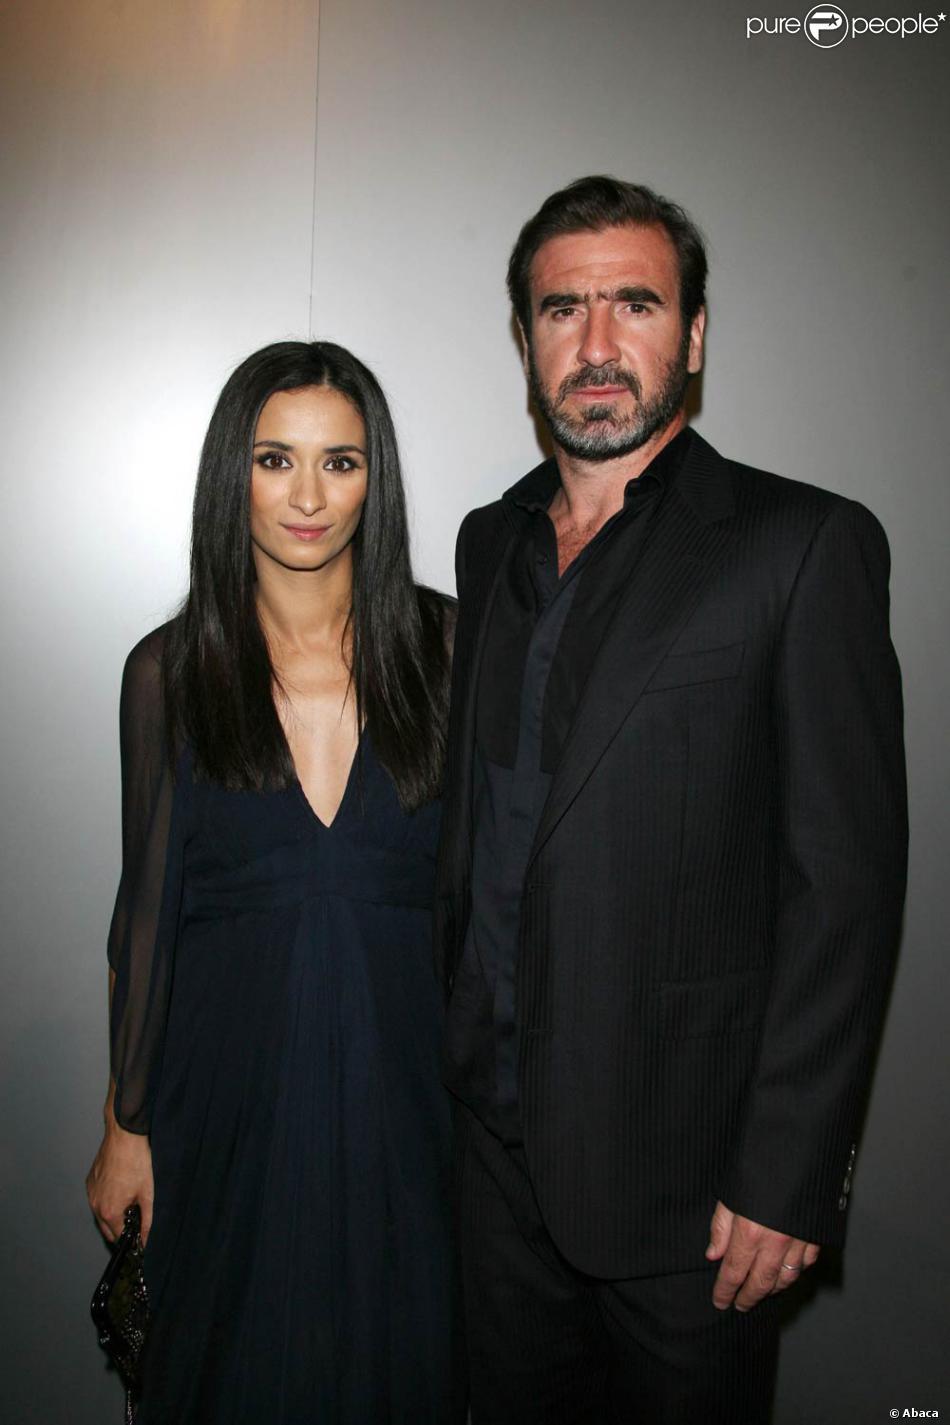 En vrai, je ne peux pas imaginer un autre homme qu'éric. Eric Cantona Et Sa Femme La Comedienne Rachida Brakni Purepeople